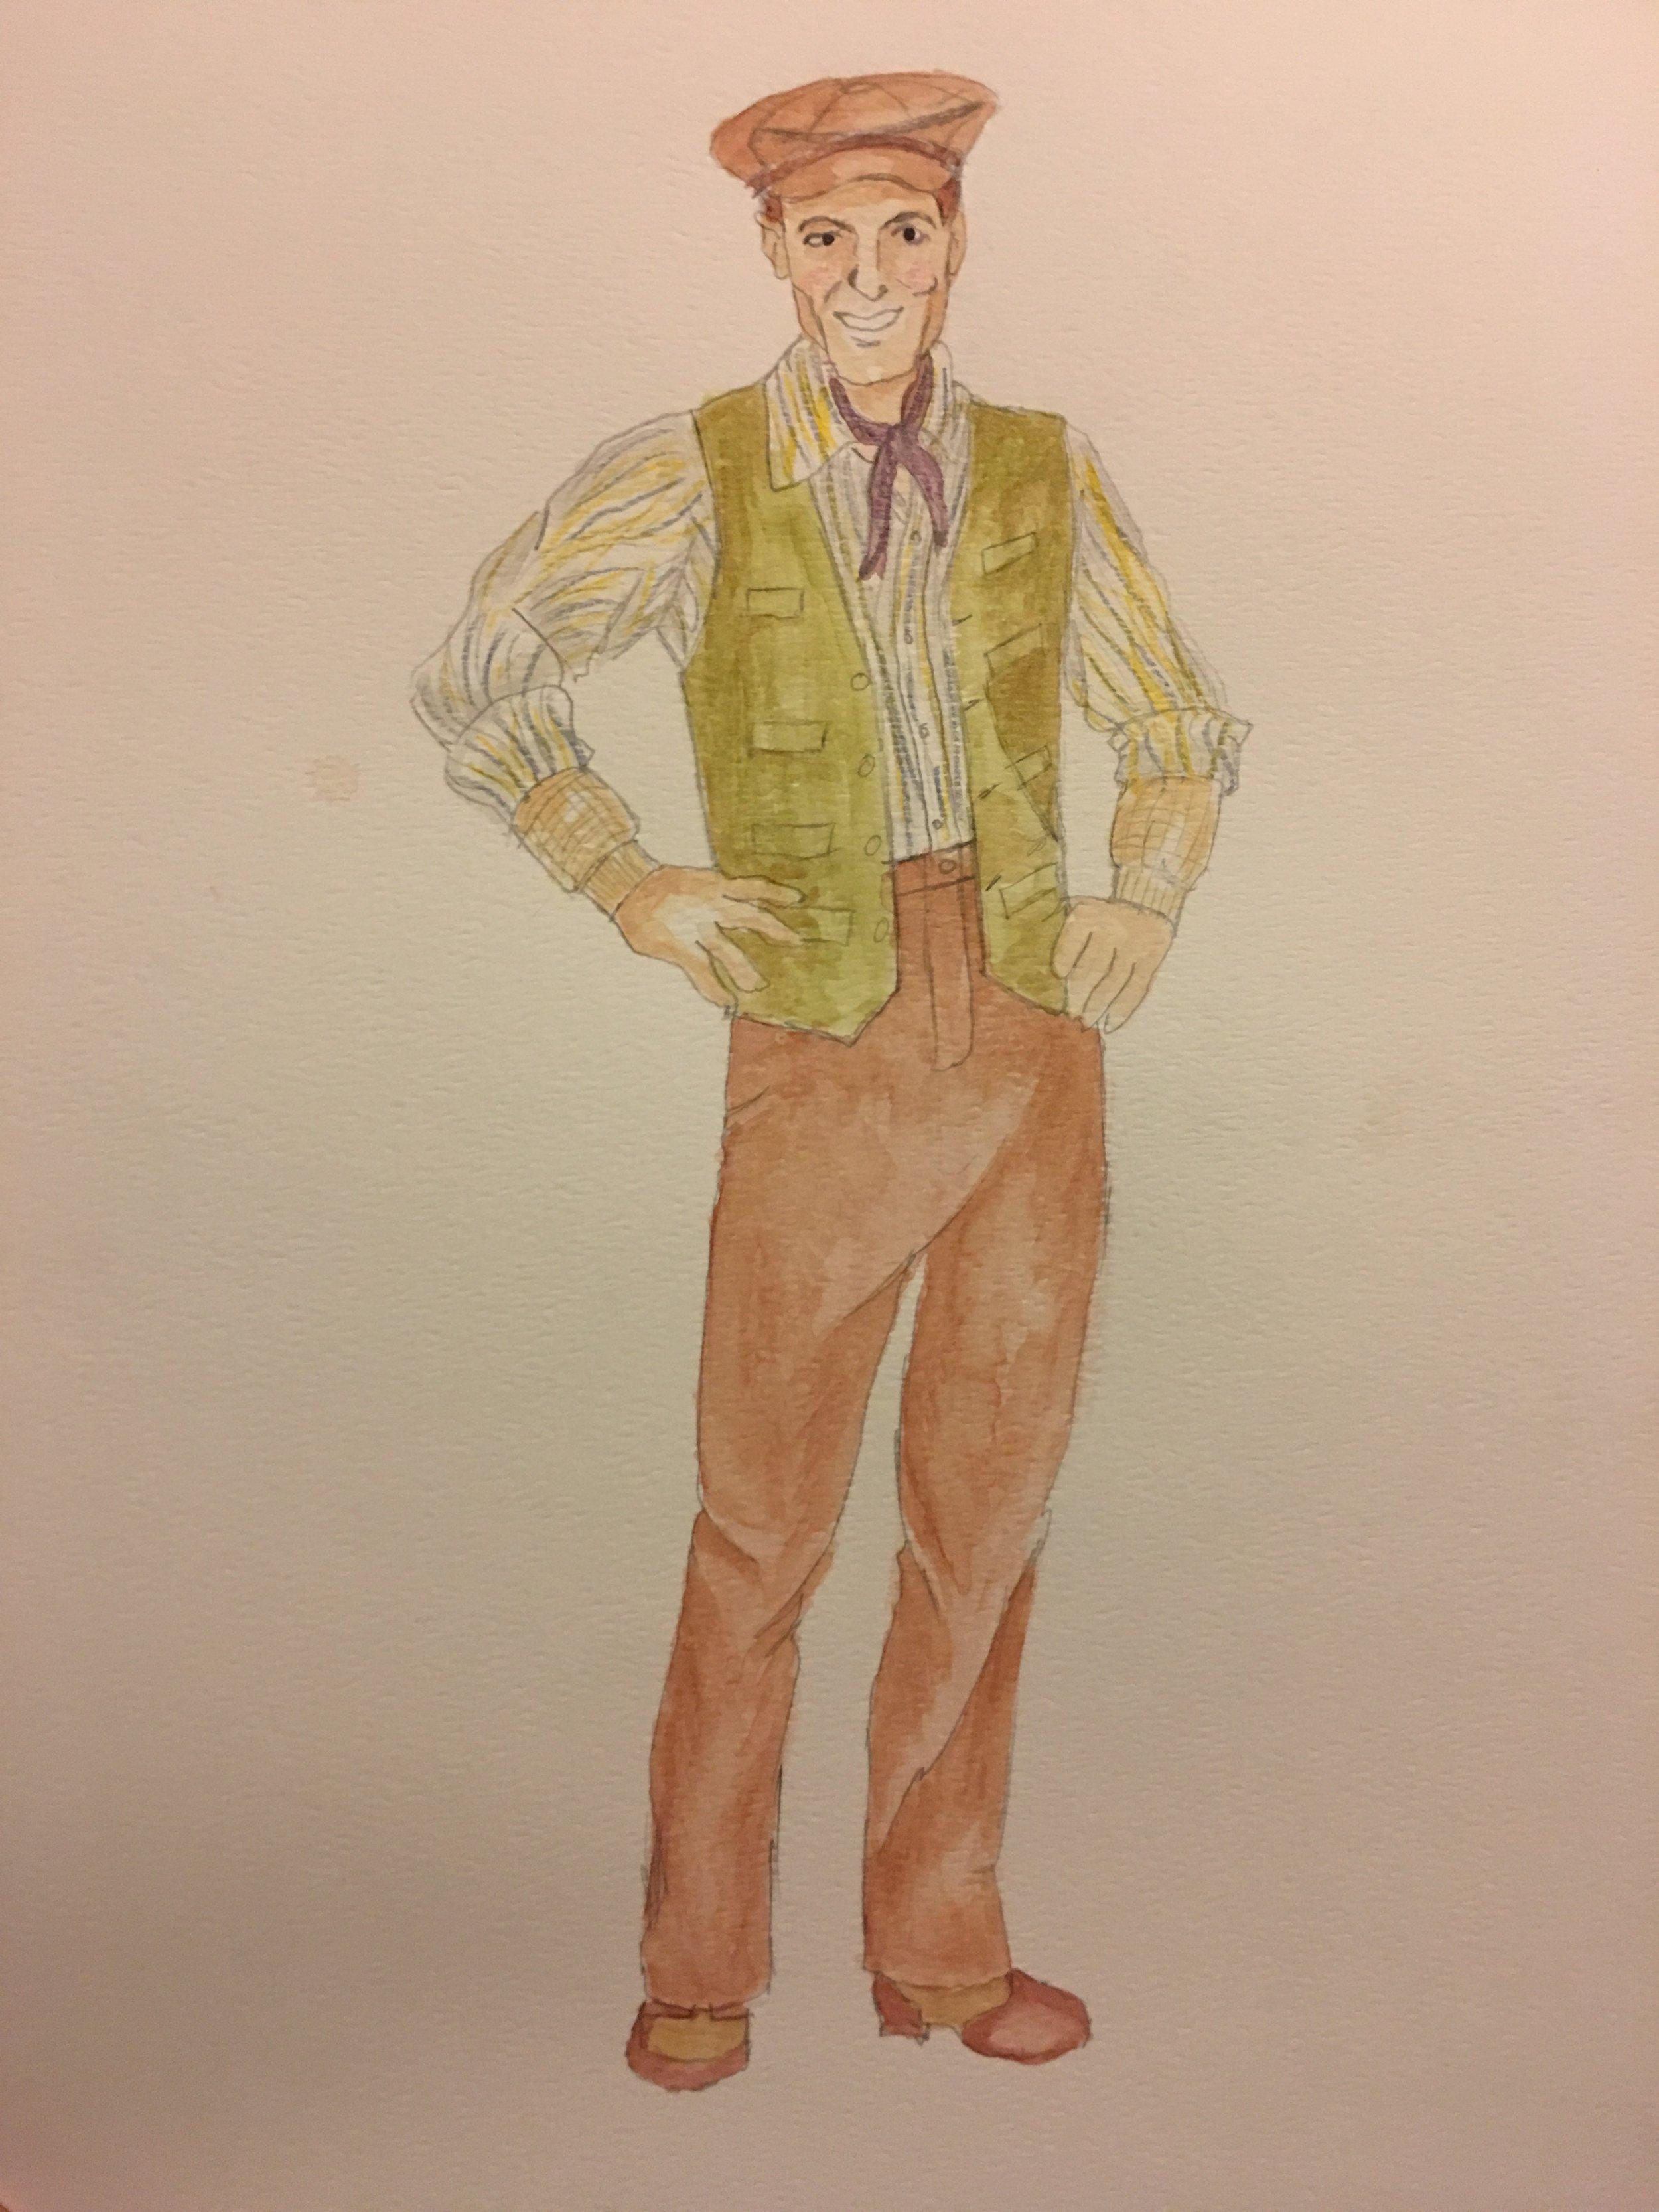 Sketch for Burt